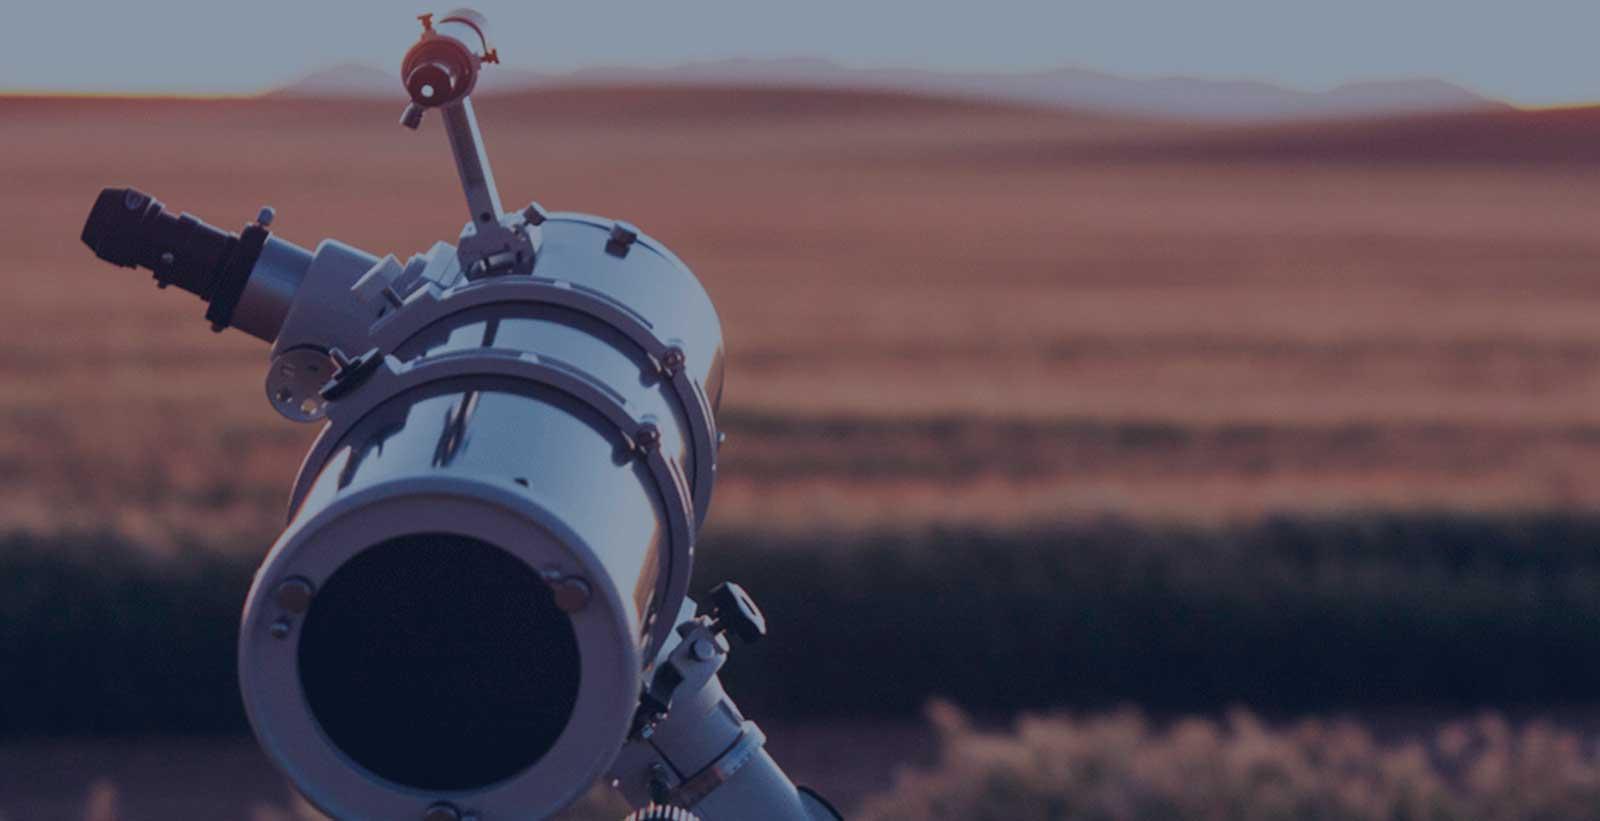 ¿Por qué no veo nada con mi telescopio? 5 errores más frecuentes